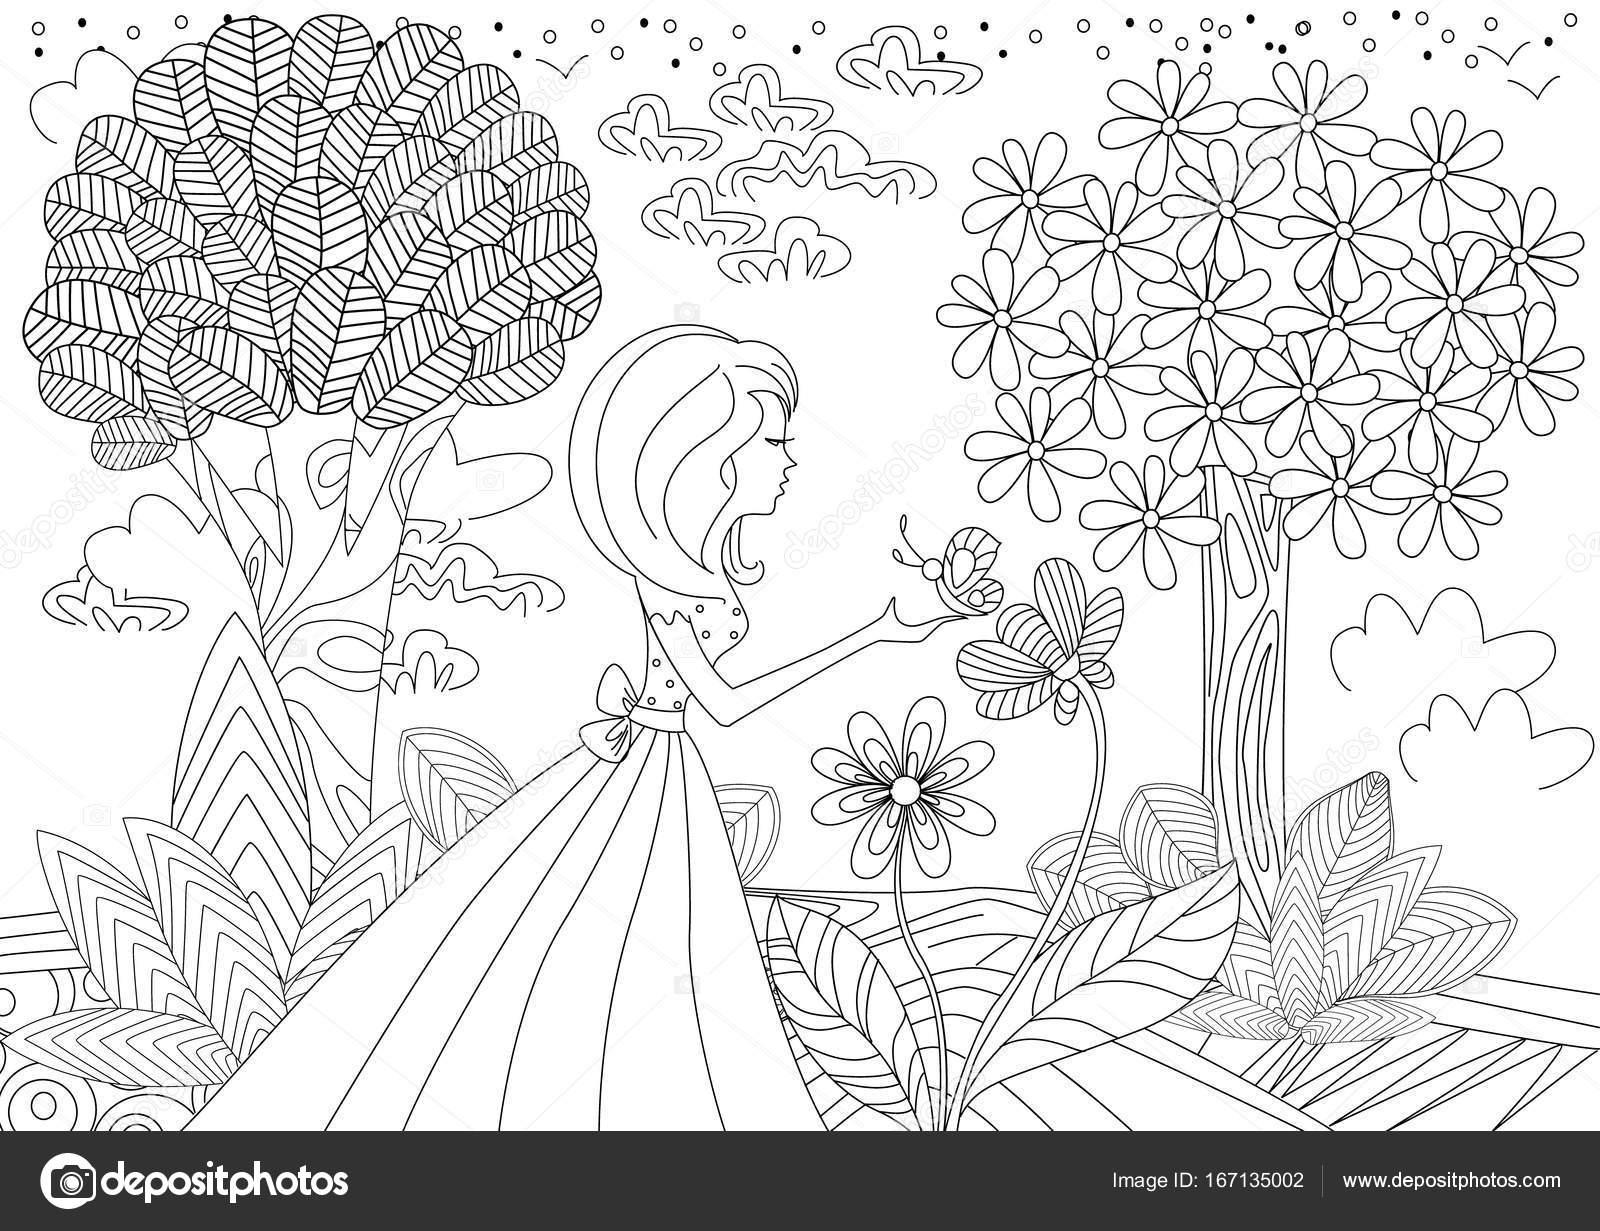 Mädchen mit Schmetterling für Malbuch — Stockvektor © Oksana #167135002